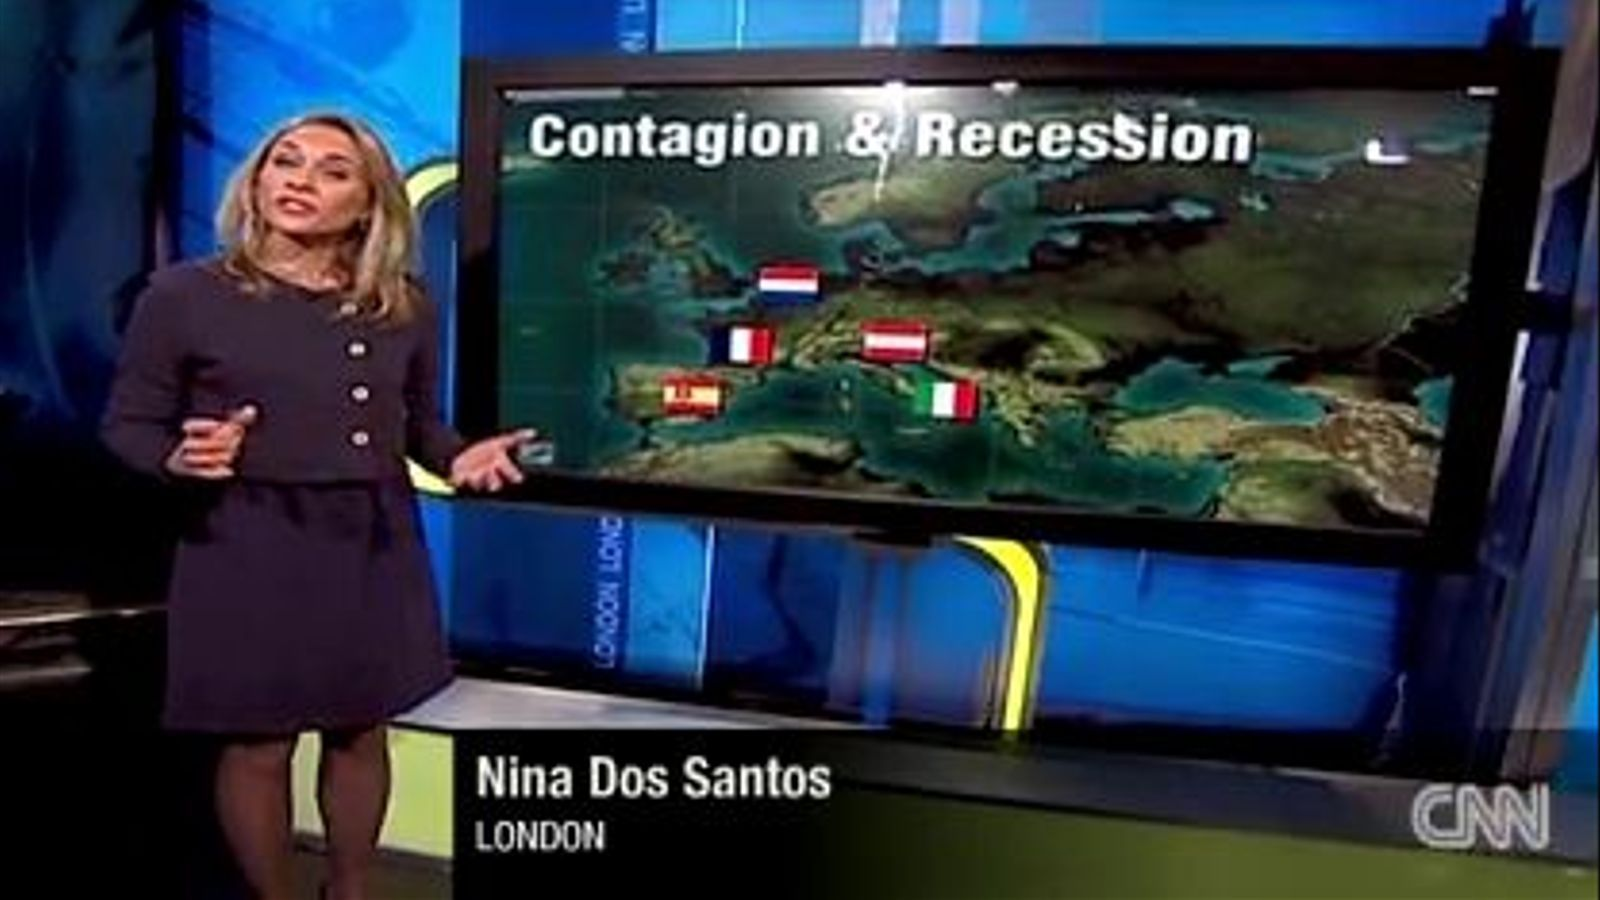 La cadena CNN torna a utilitzar en un vídeo la bandera espanyola del franquisme